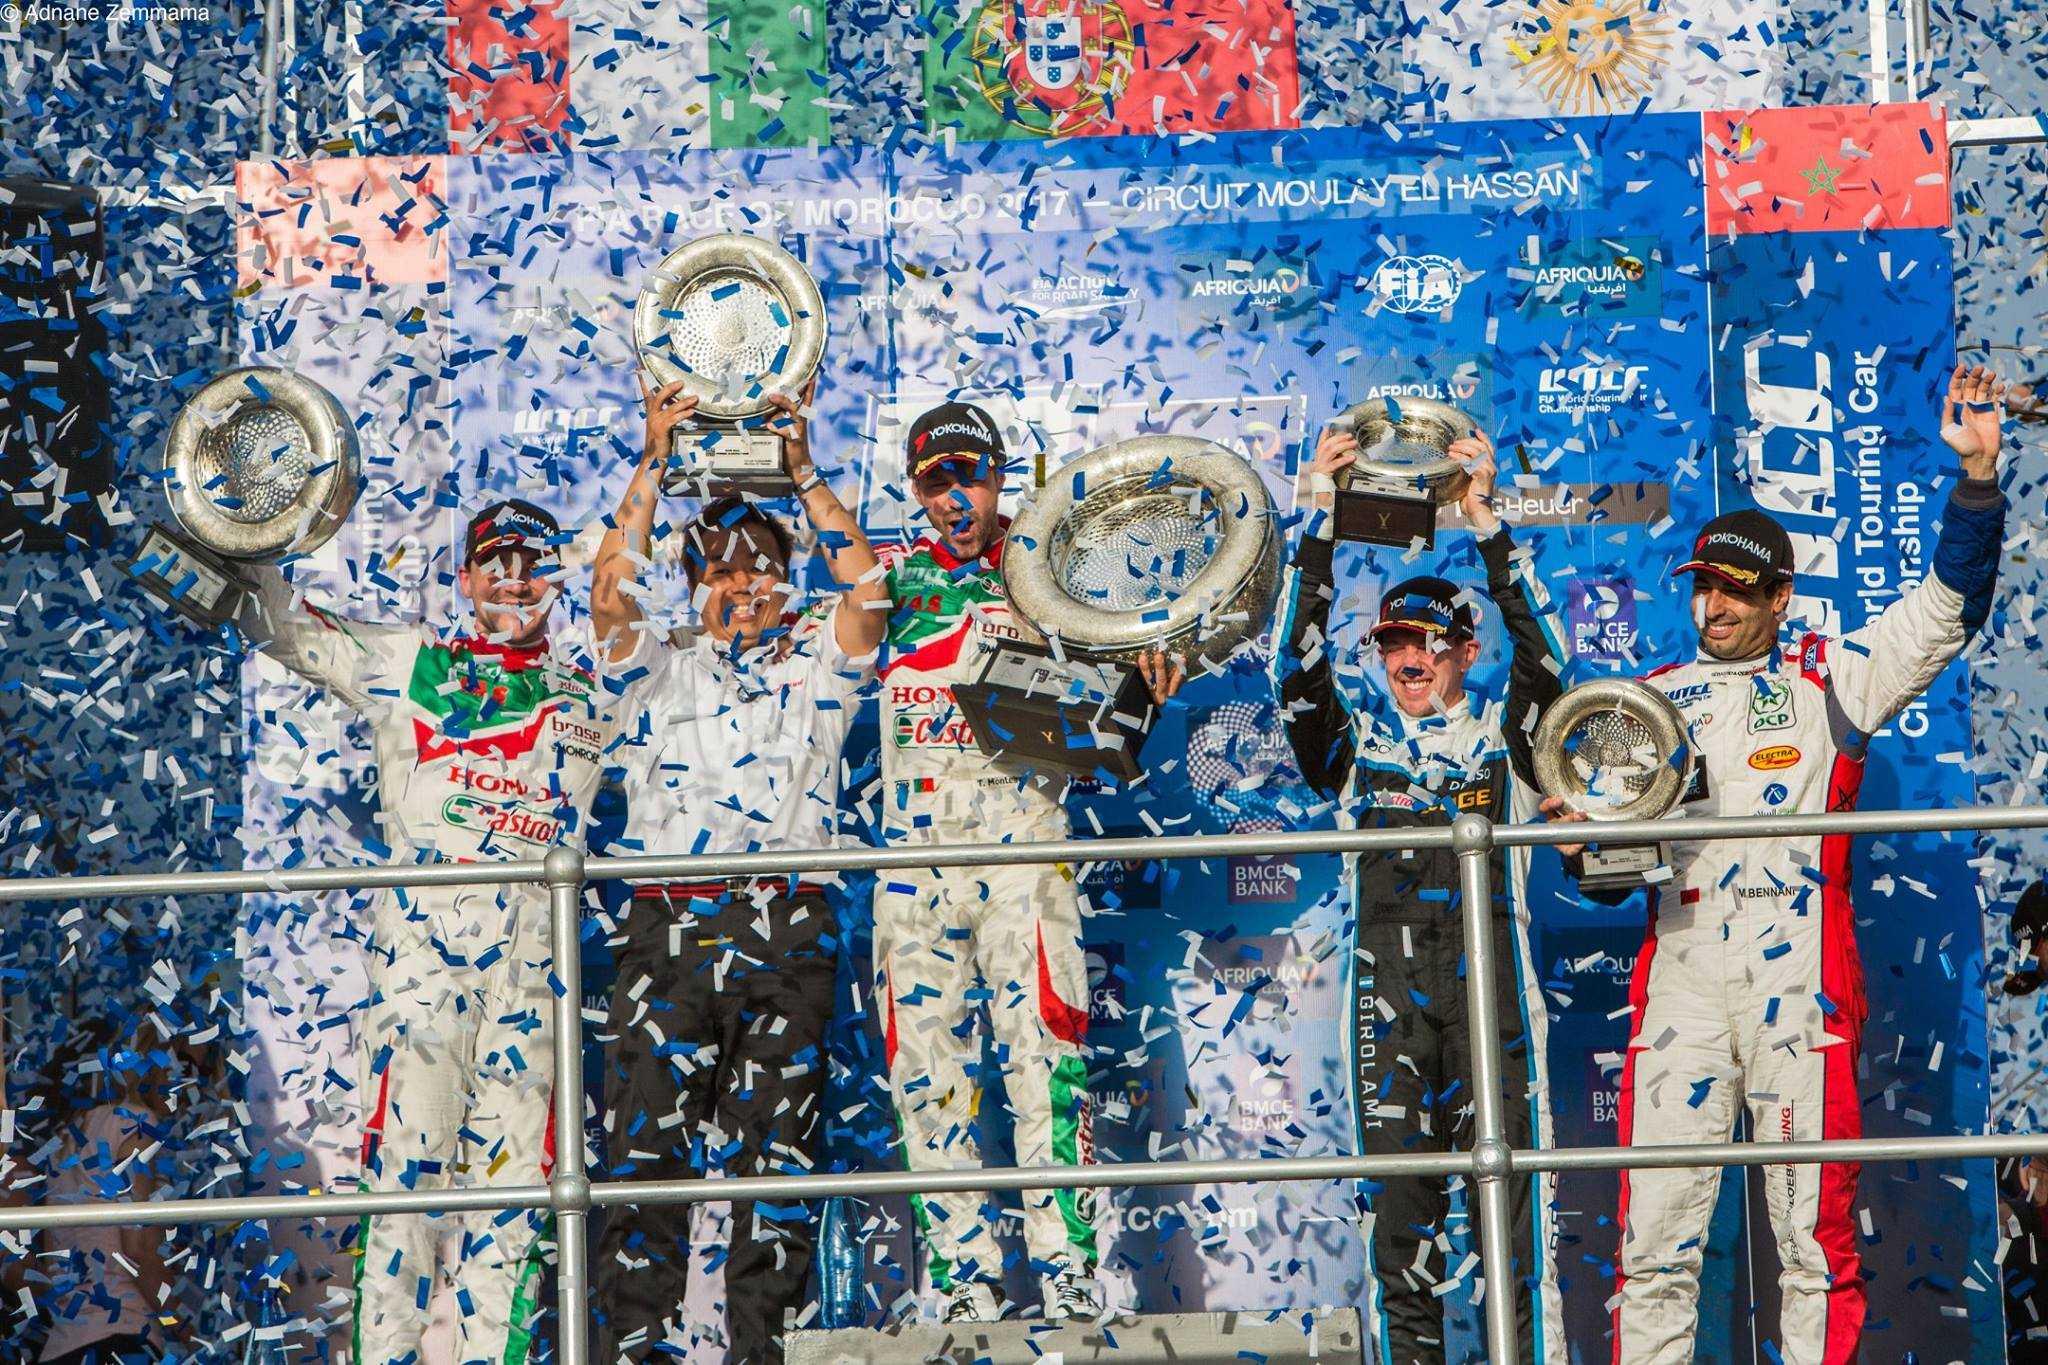 Le 8e Grand Prix de Marrakech sur la ligne d'arrivée